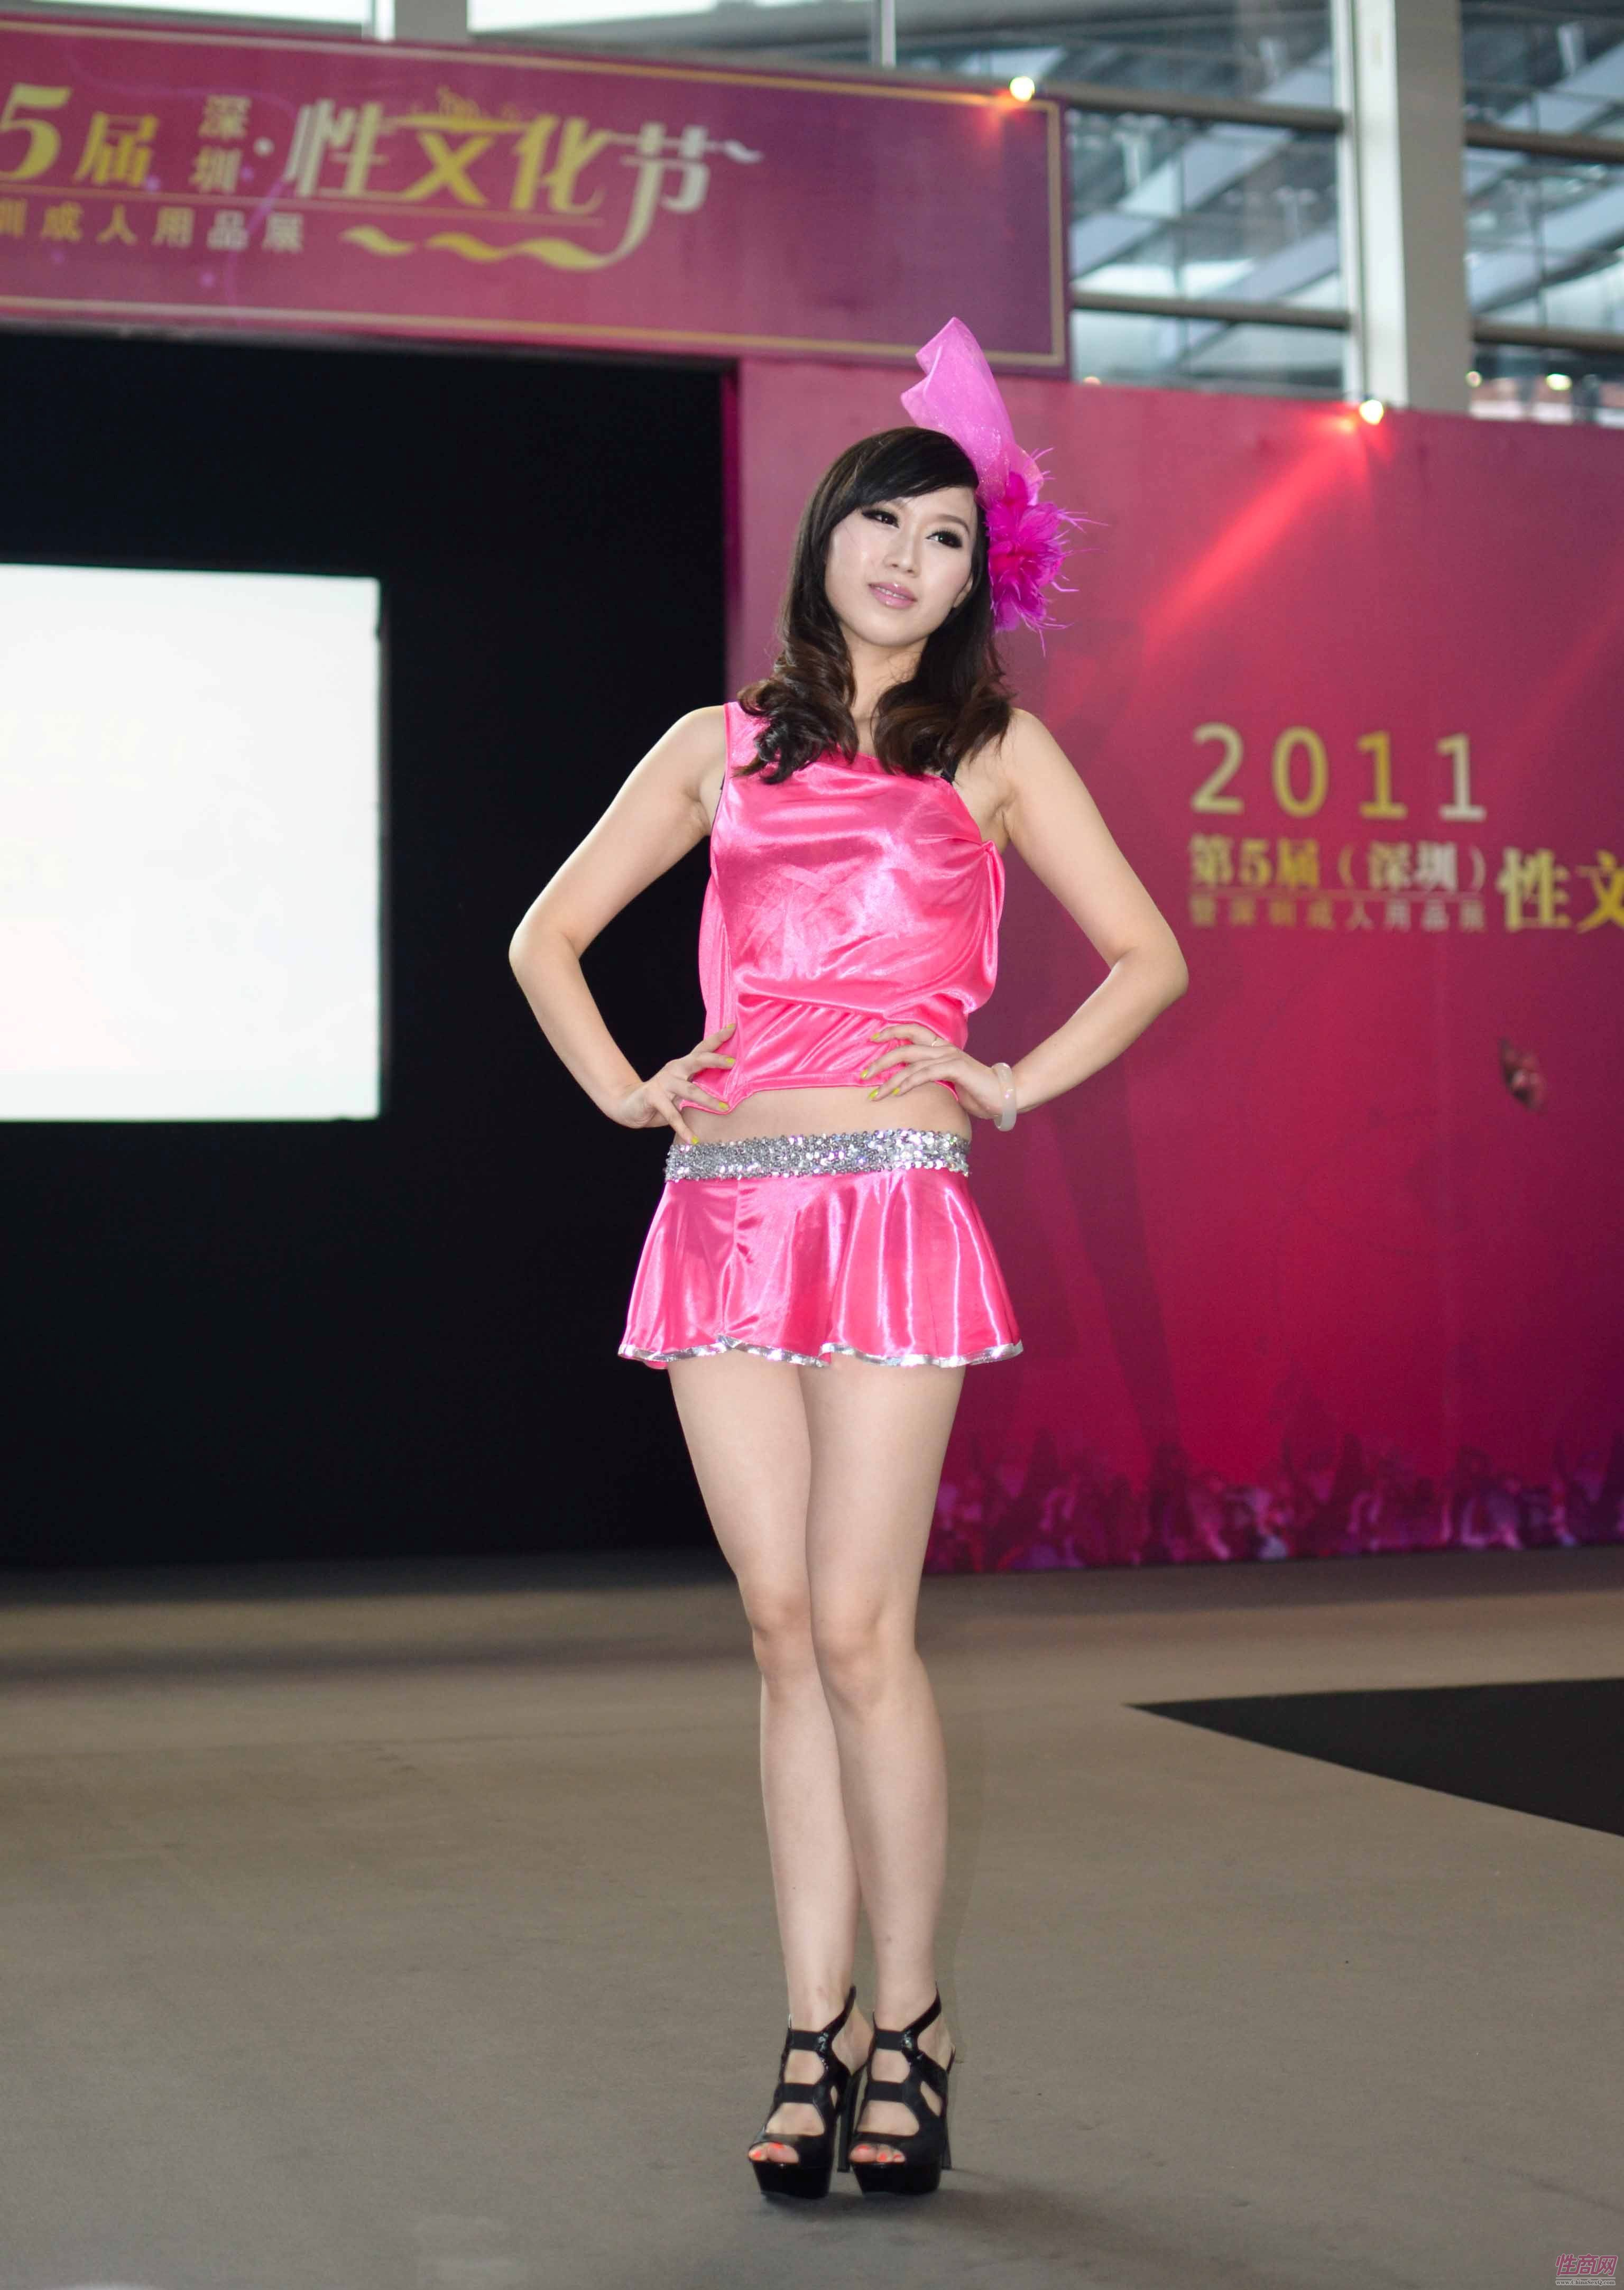 2011深圳性文化节联合亚洲成人博览海外品牌多图片1